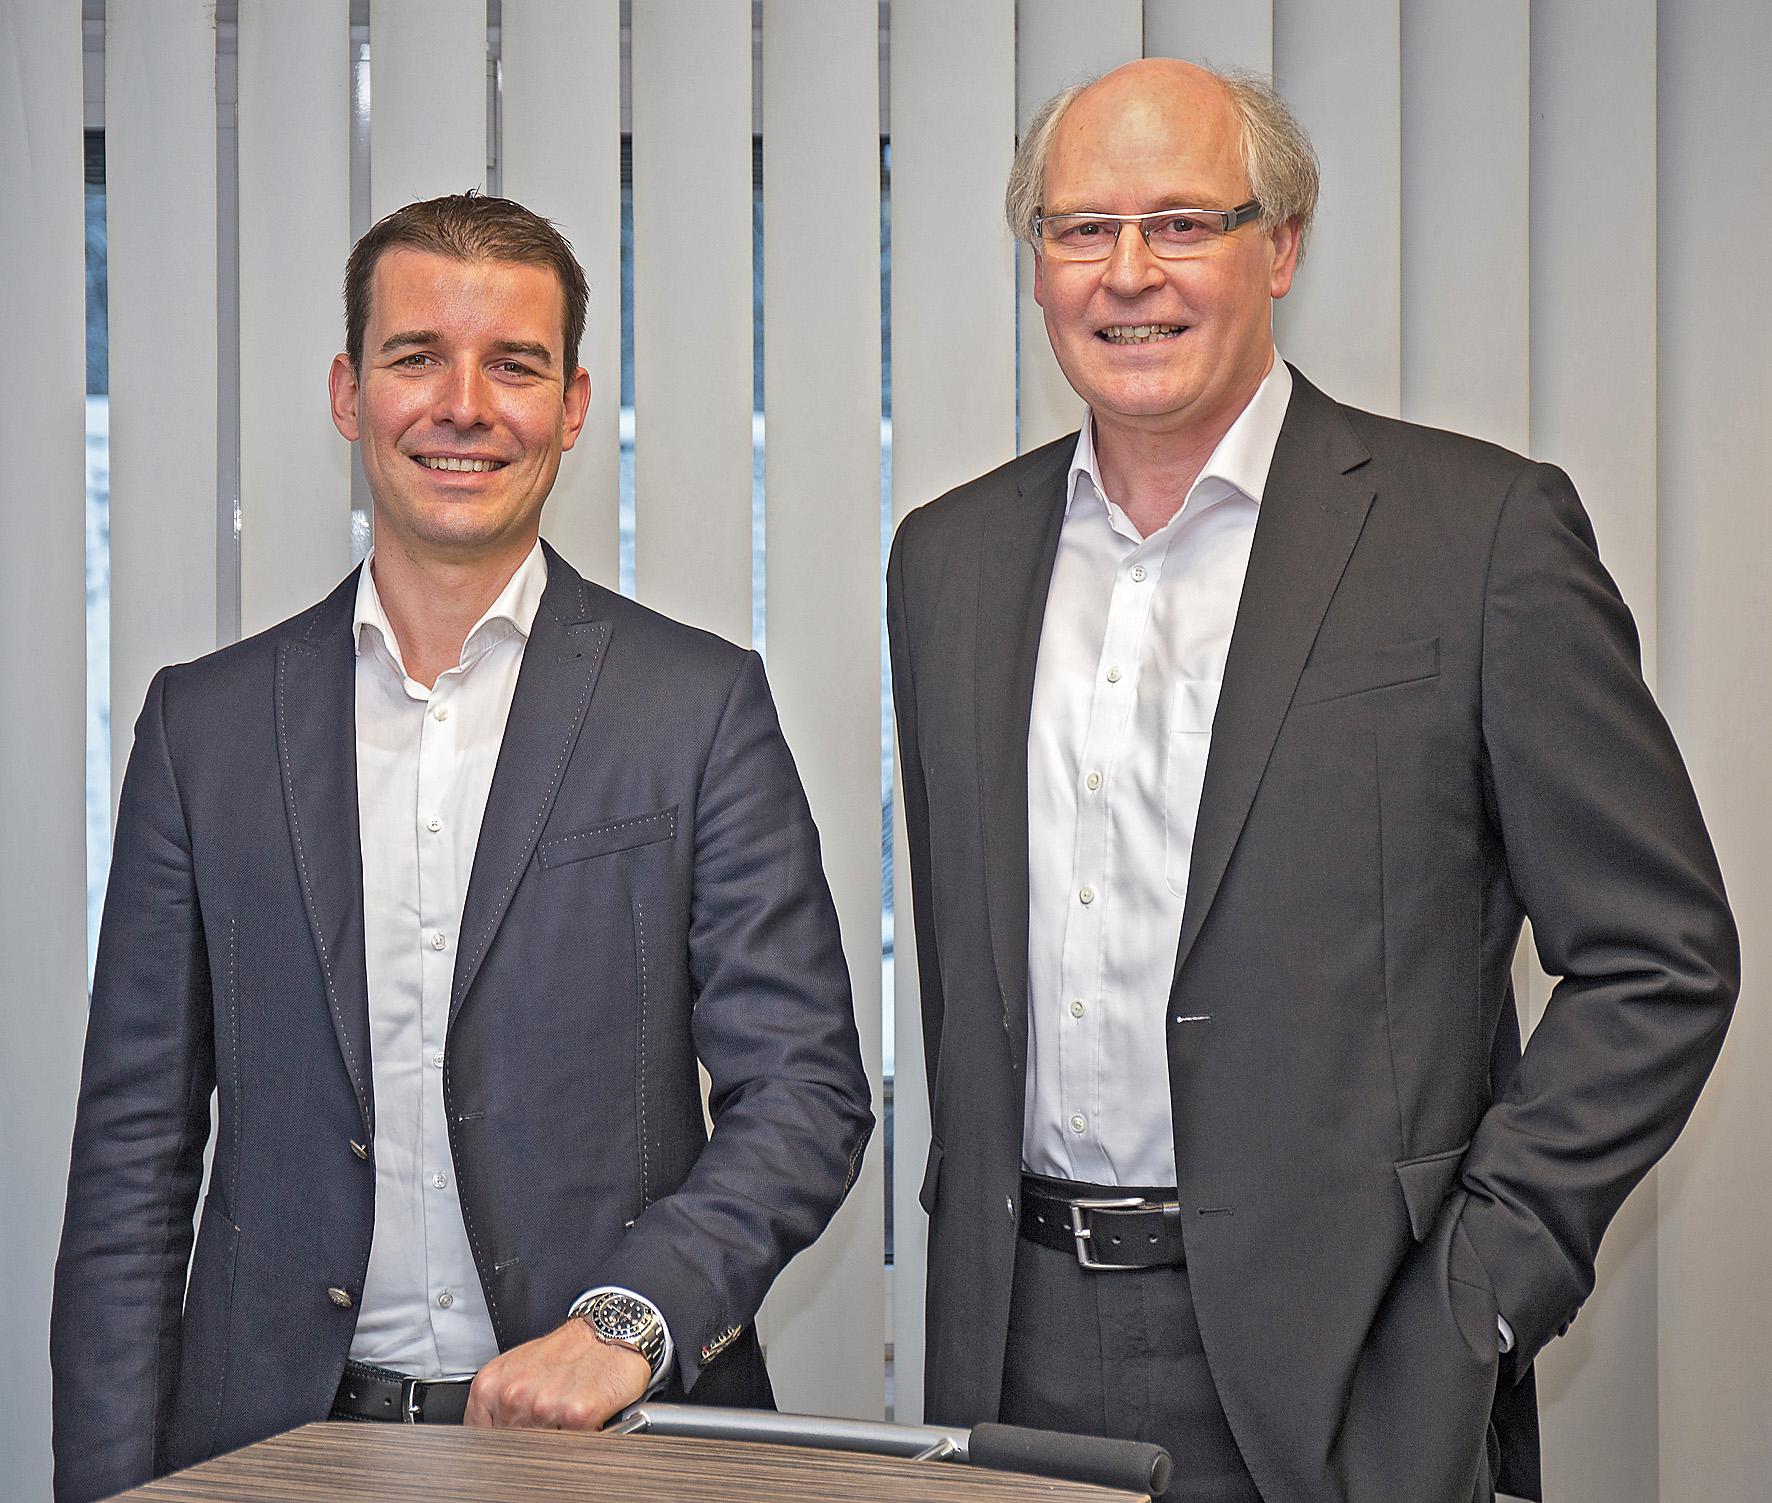 Philip Lehmann und Rainer Cordes, Geschäftsführer der OTTO KIND GmbH & Co. KG sowie der HARRES Metall-design GmbH.